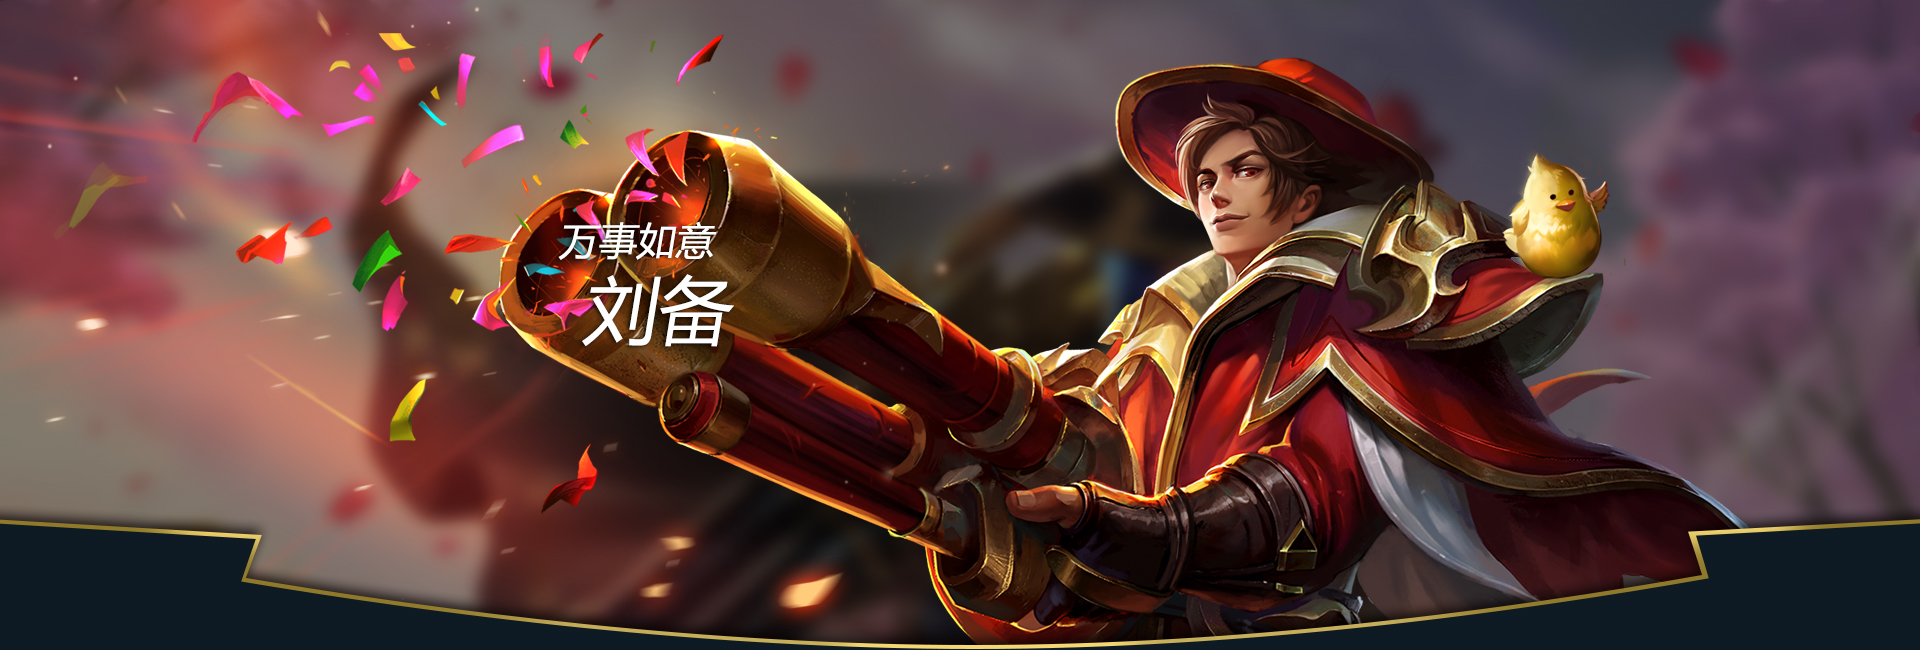 第2弹《王者荣耀英雄皮肤CG》竞技游戏148